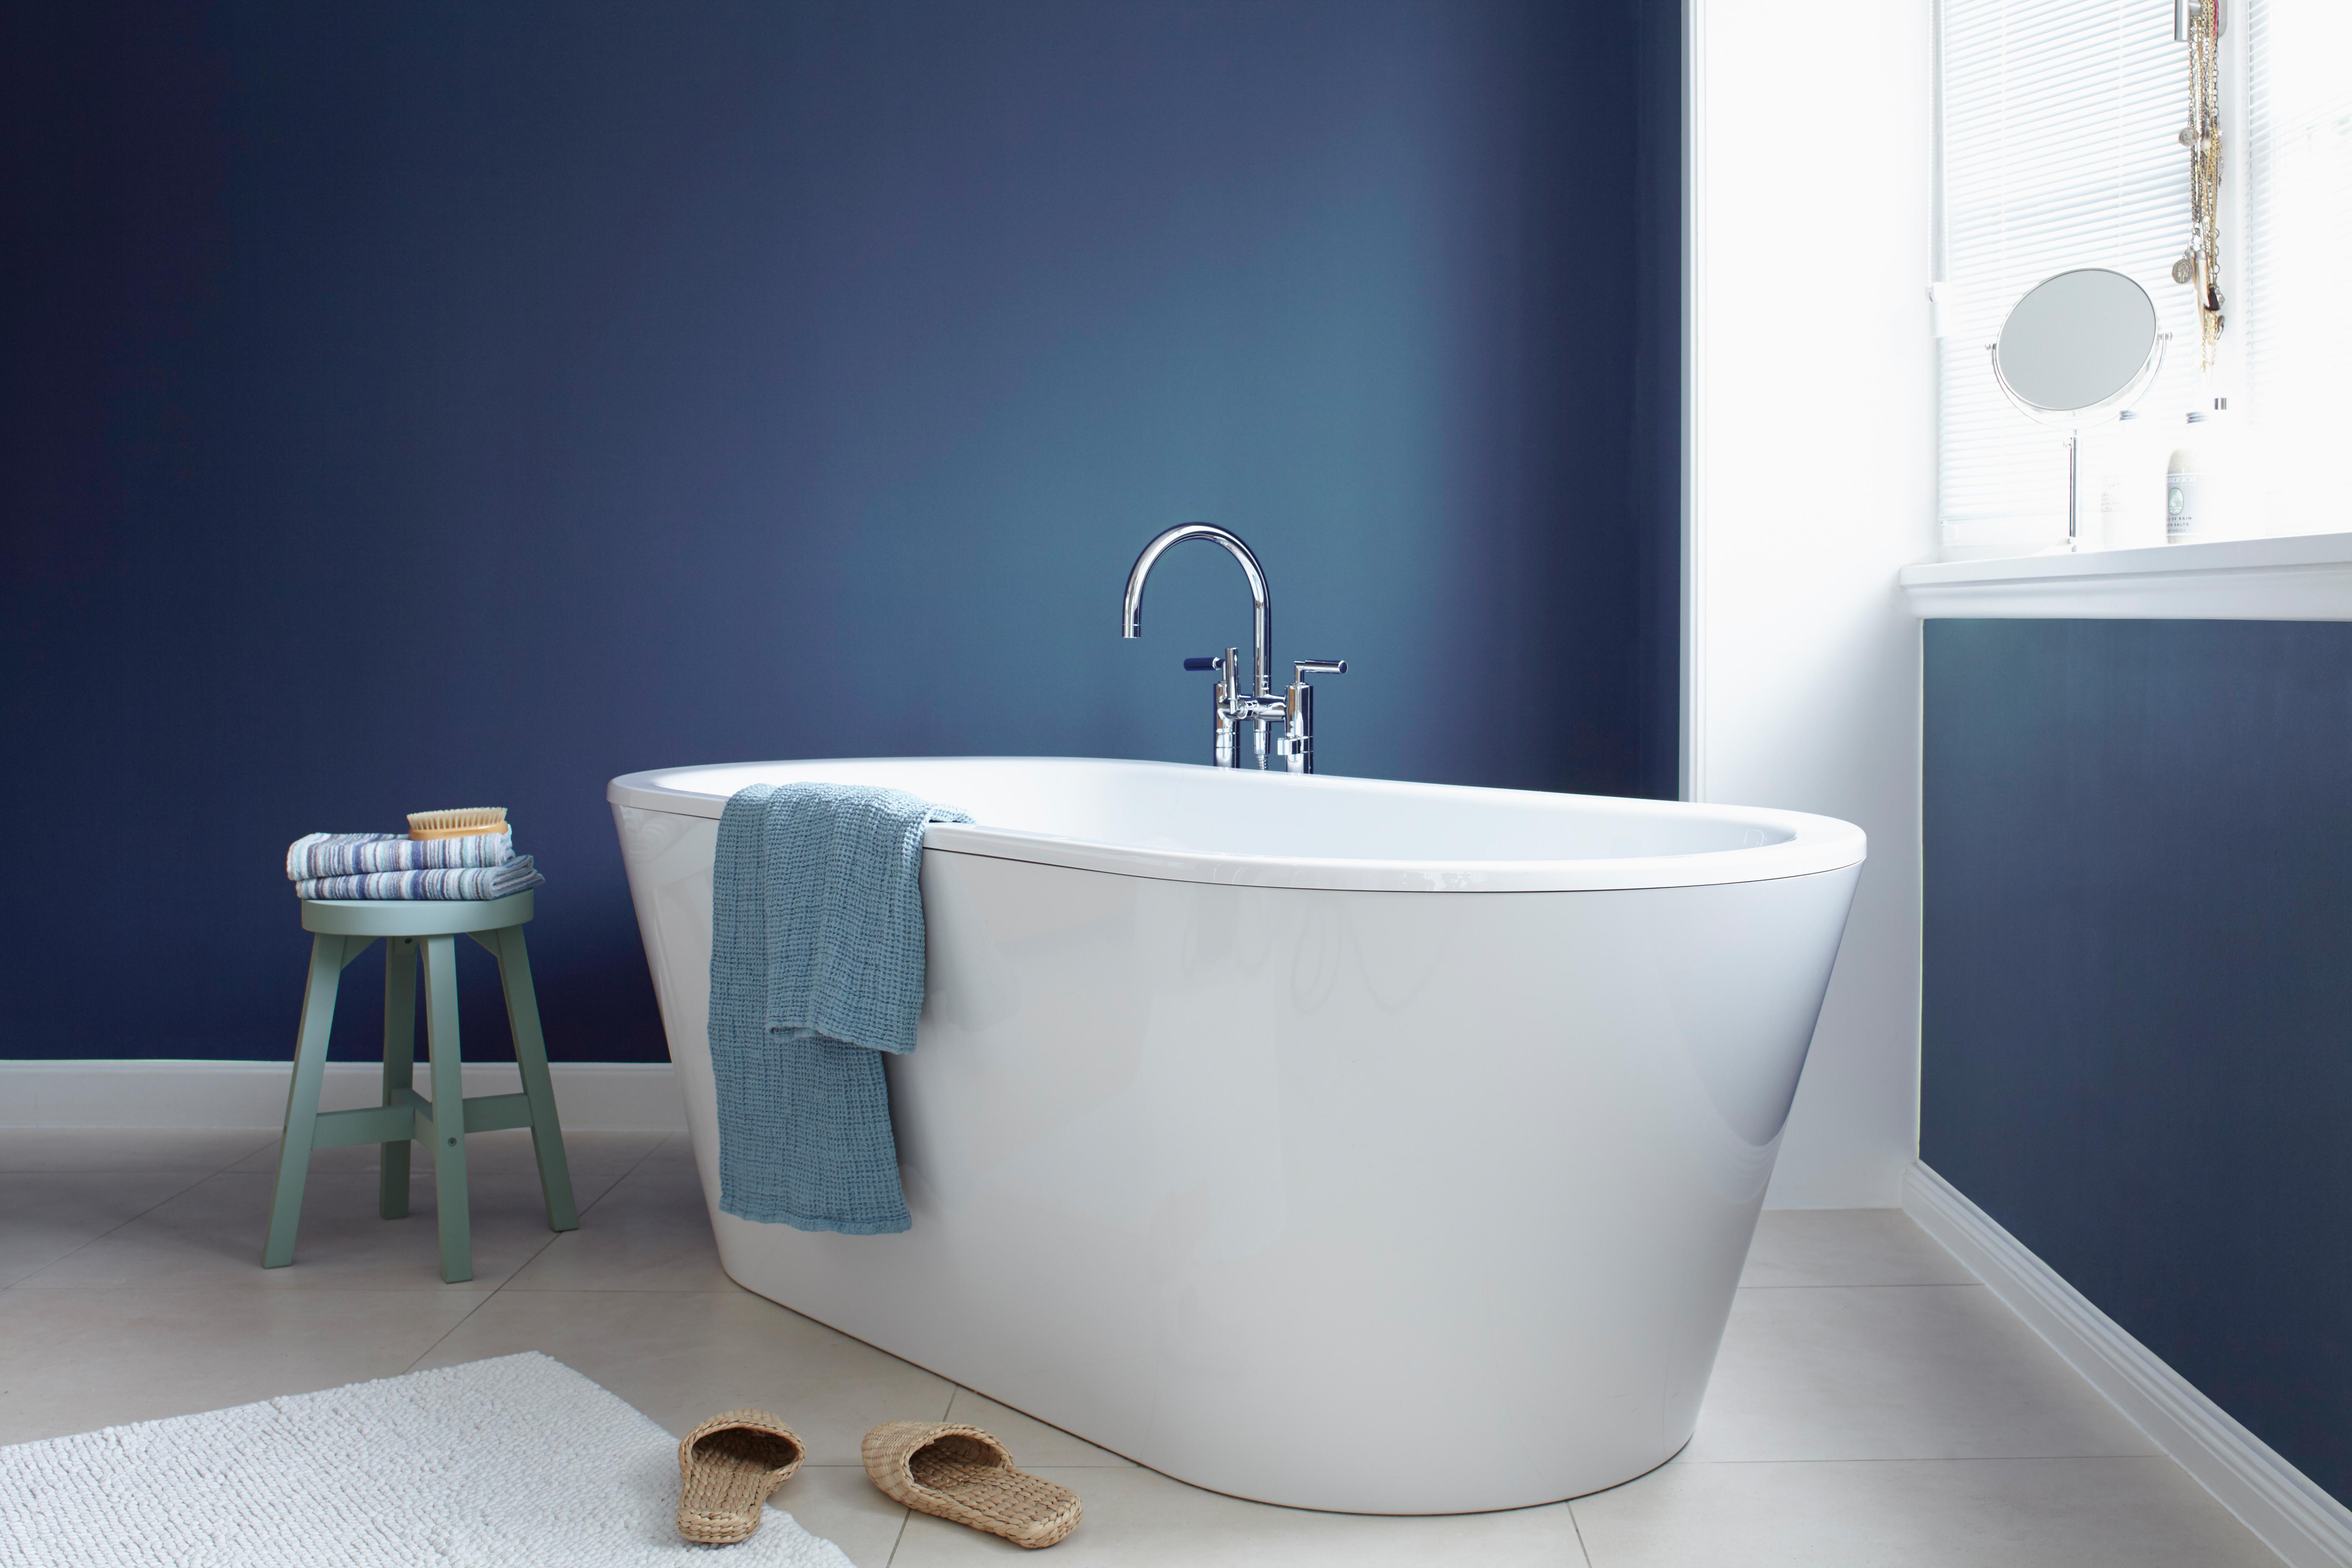 Weißes, Modernes Badezimmer Mit Freistehender Badewanne Und Dunkel Blauer  Wand In Der Alpina Farbe Blaue